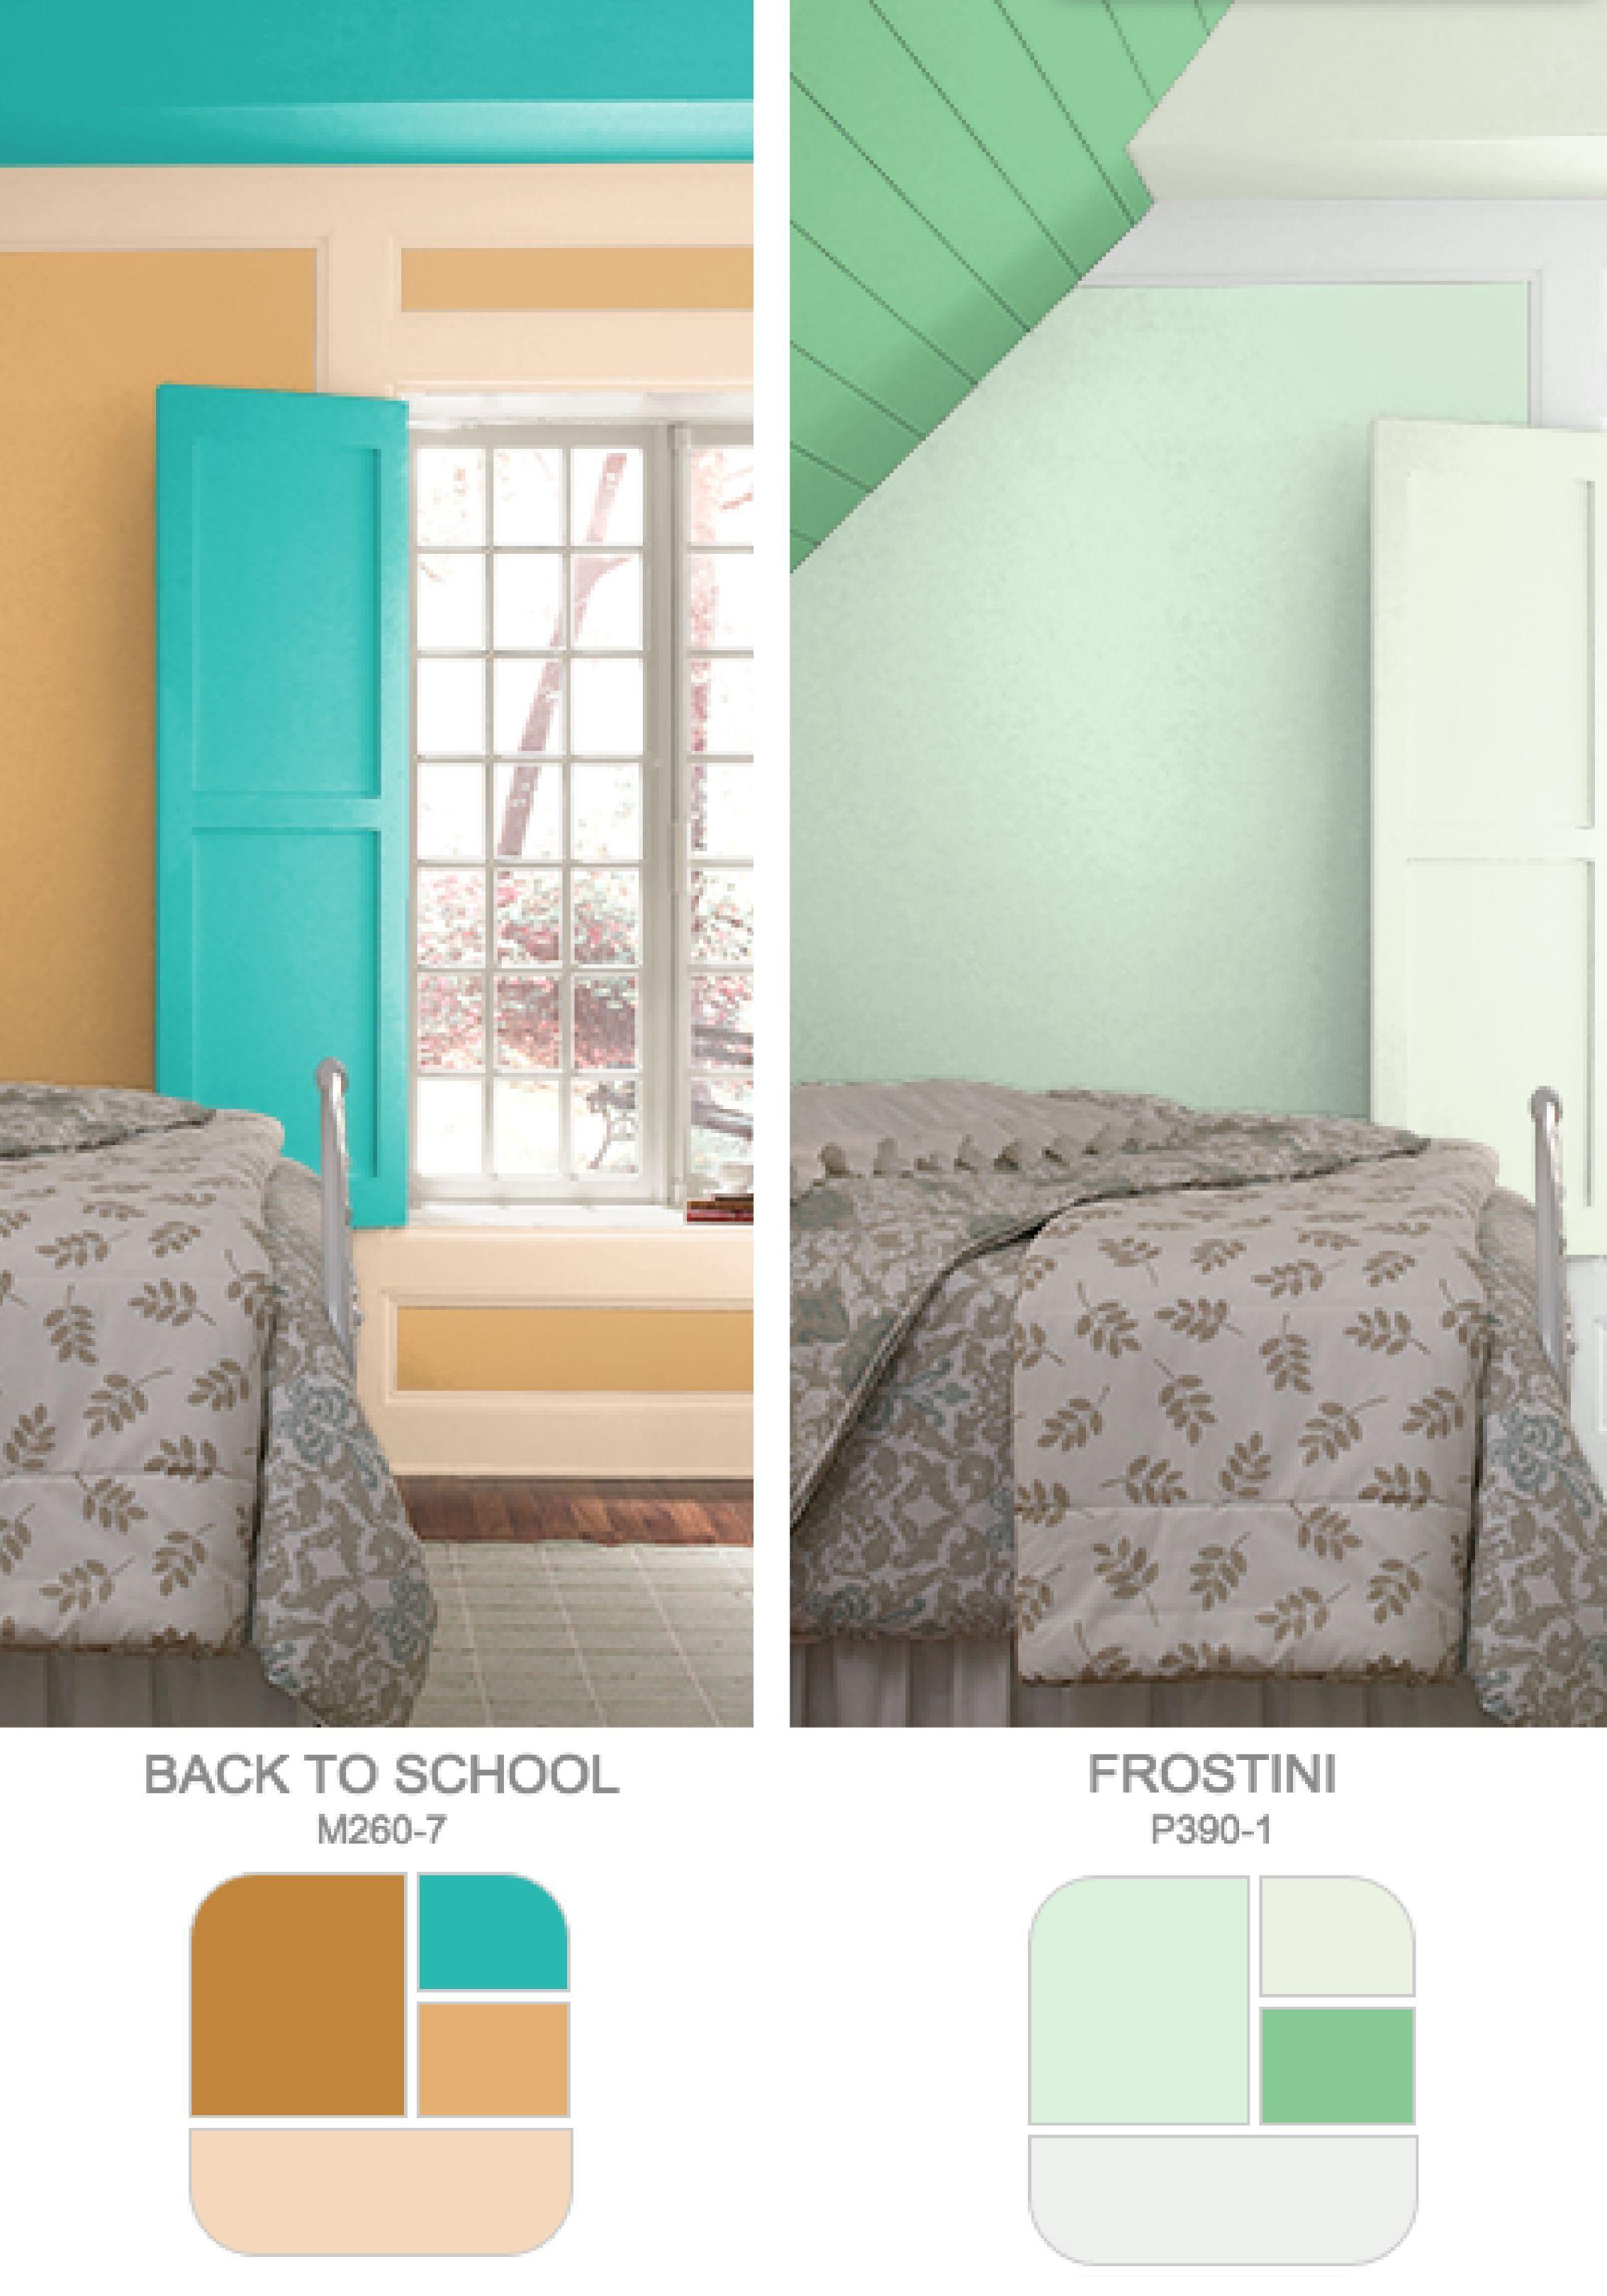 Paint Colors Colorsmart By Behr Paint Your Place Behr Paint Bedroom Paint Color Inspiration Living Room Colors Paint Color Chart